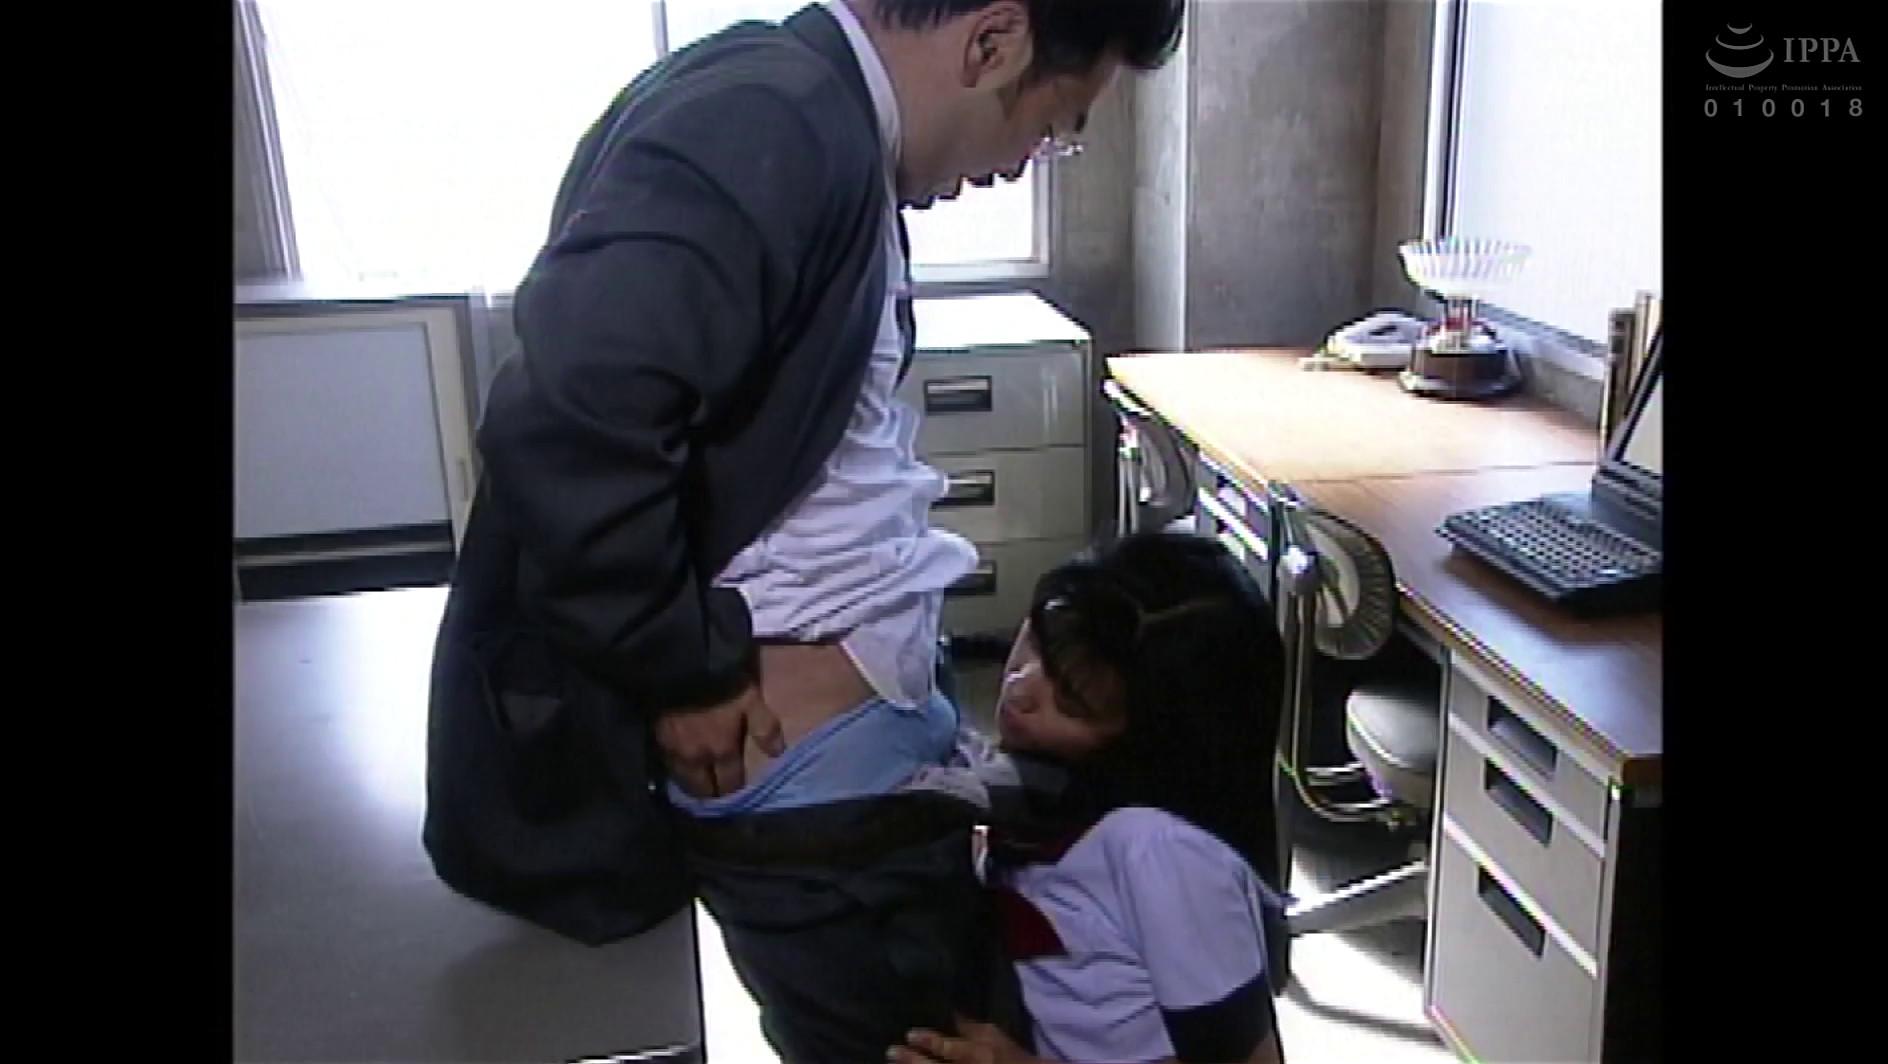 女教師乱れ泣き シリーズ3作復刻収録版 画像16